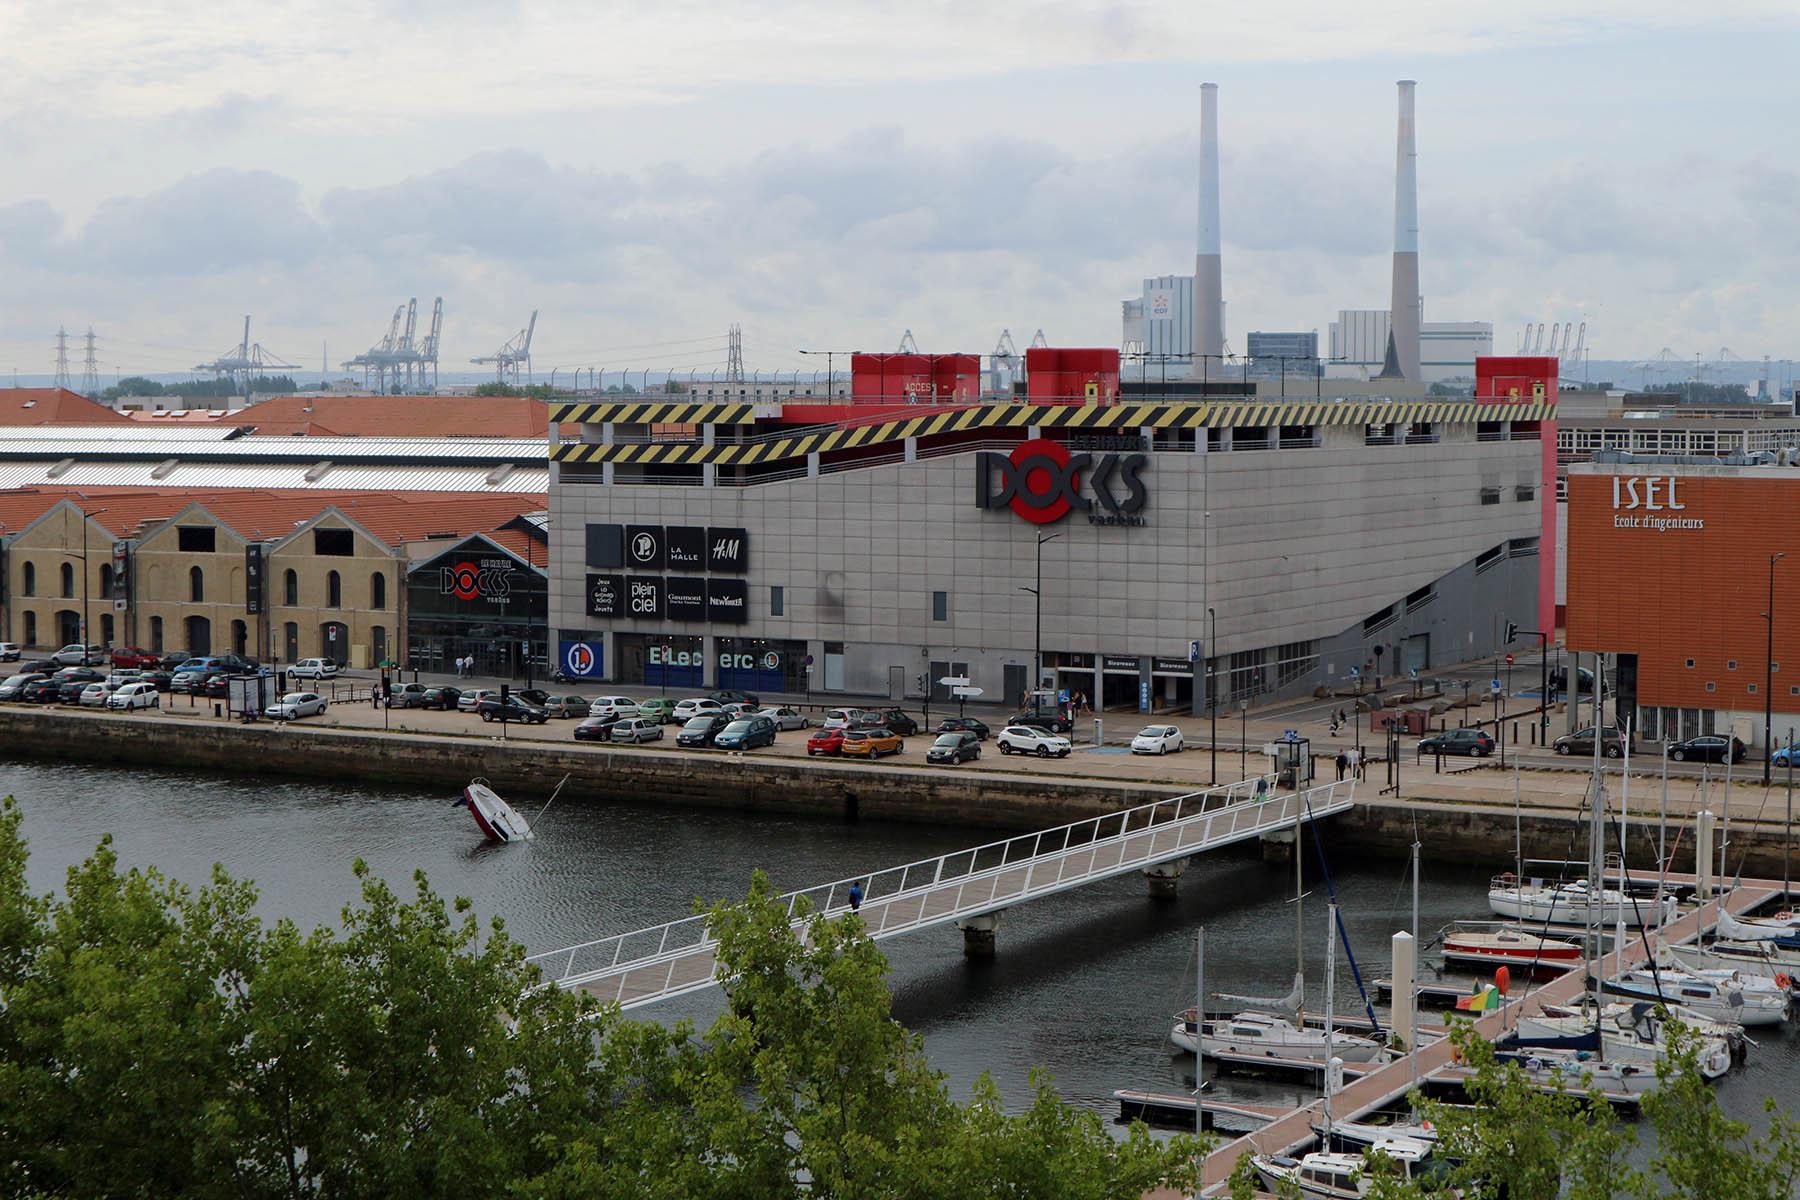 """Parcours Les Bassins. Im Südosten wurden 1846 nach Vorbild der Londoner Docks Lagerhallen für Kaffee, Gewürze und Baumwolle errichtet. Heute zählt das Quartier zu einem der größten Transformationsgebiete der Stadt mit Freizeit-, Wohn- und Gewerbebauten. Für den Sommer versenkte Julien Berthier ein Boot im Bassin Vauban, der Titel des Kunstwerks """"Love Love""""."""